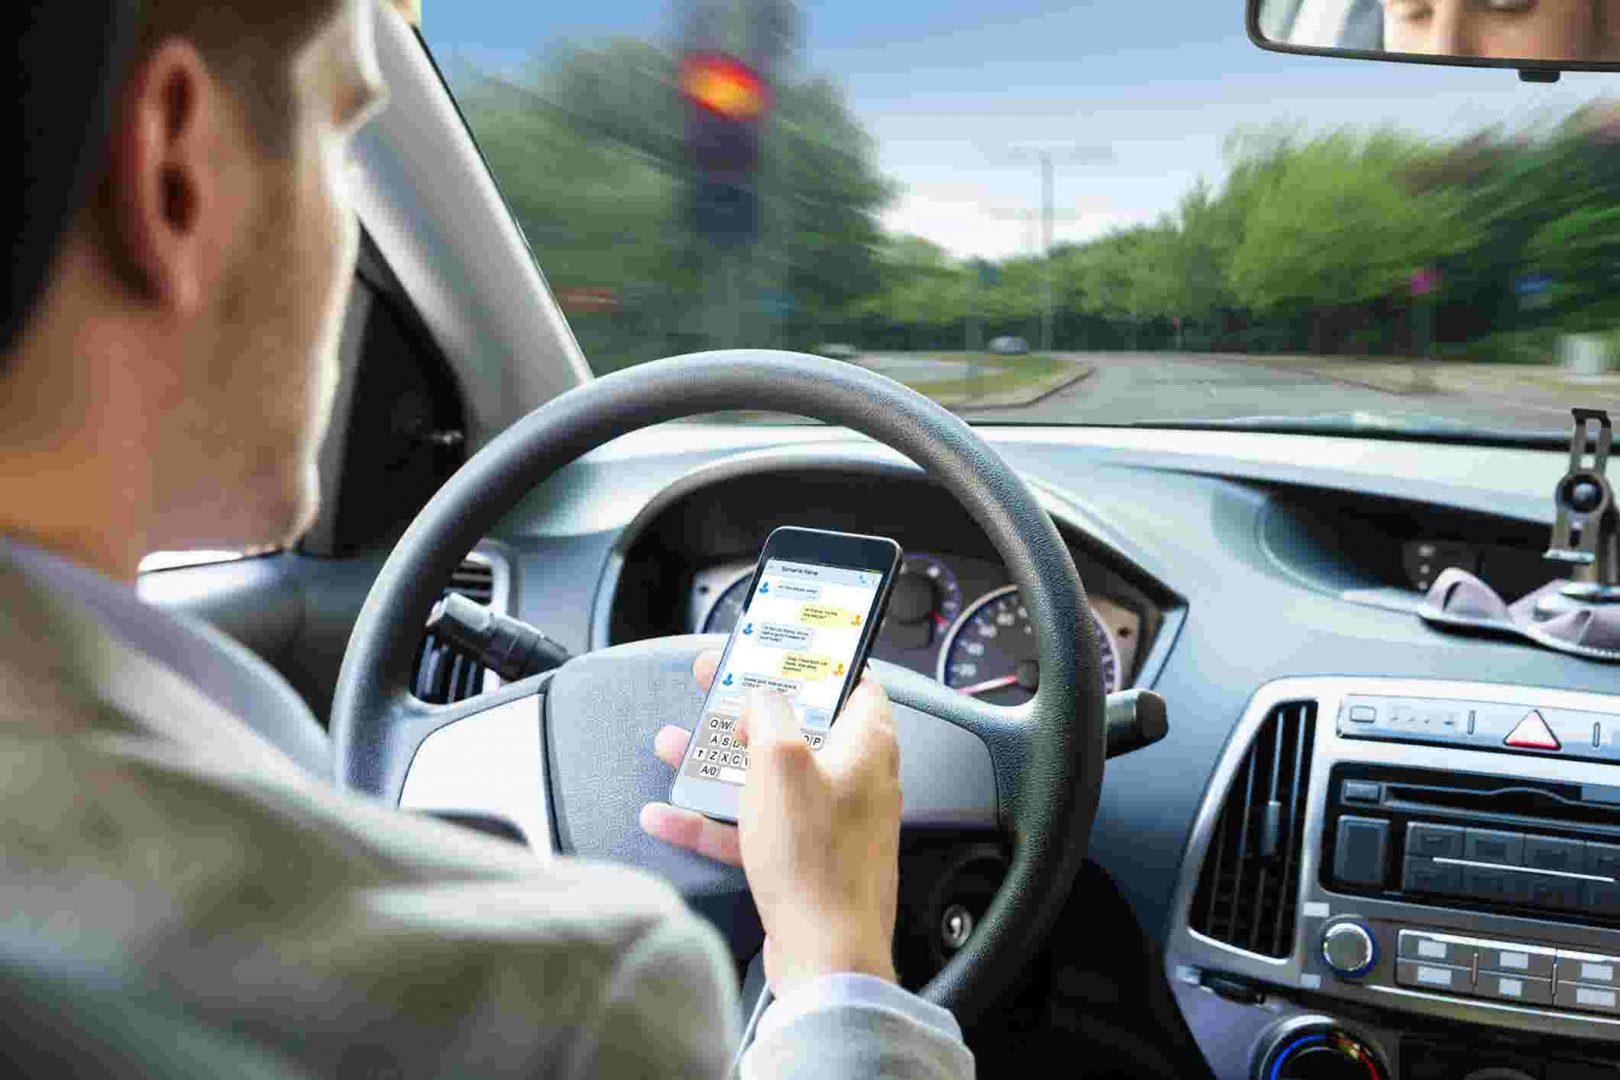 Foto32 Celular no transito  Aprovada lei que proíbe o uso do celular no trânsito em MA